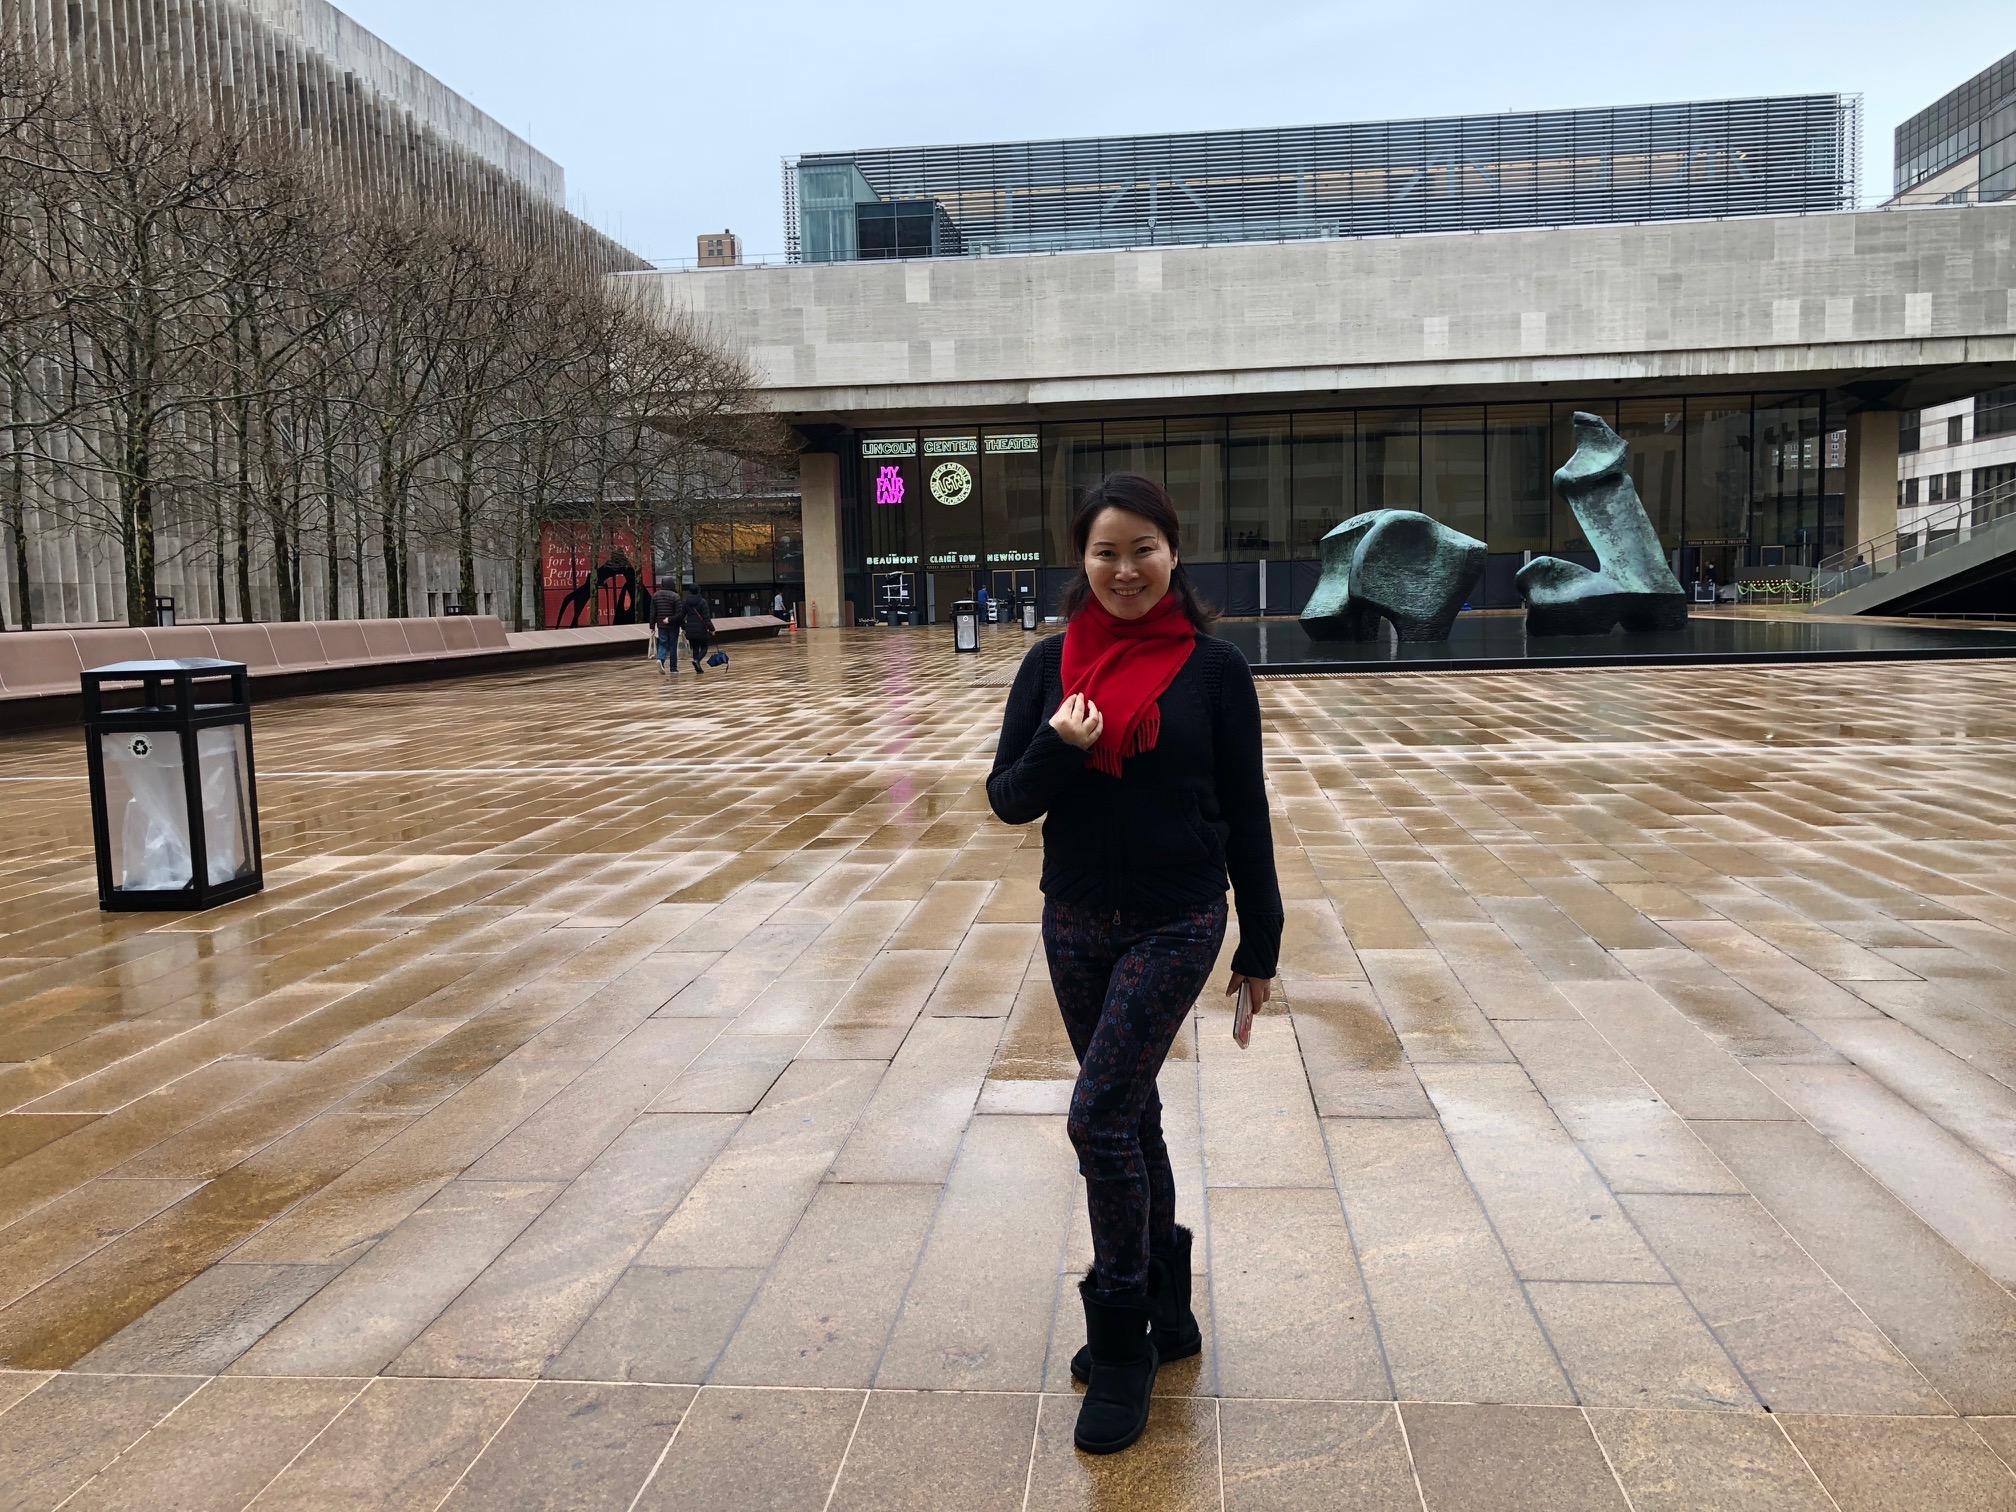 .邬素斐应邀在纽约林肯艺术中心演出排练走台期间,抽空到林肯艺术中心的殿堂,看看这个演出季有哪些表演剧目